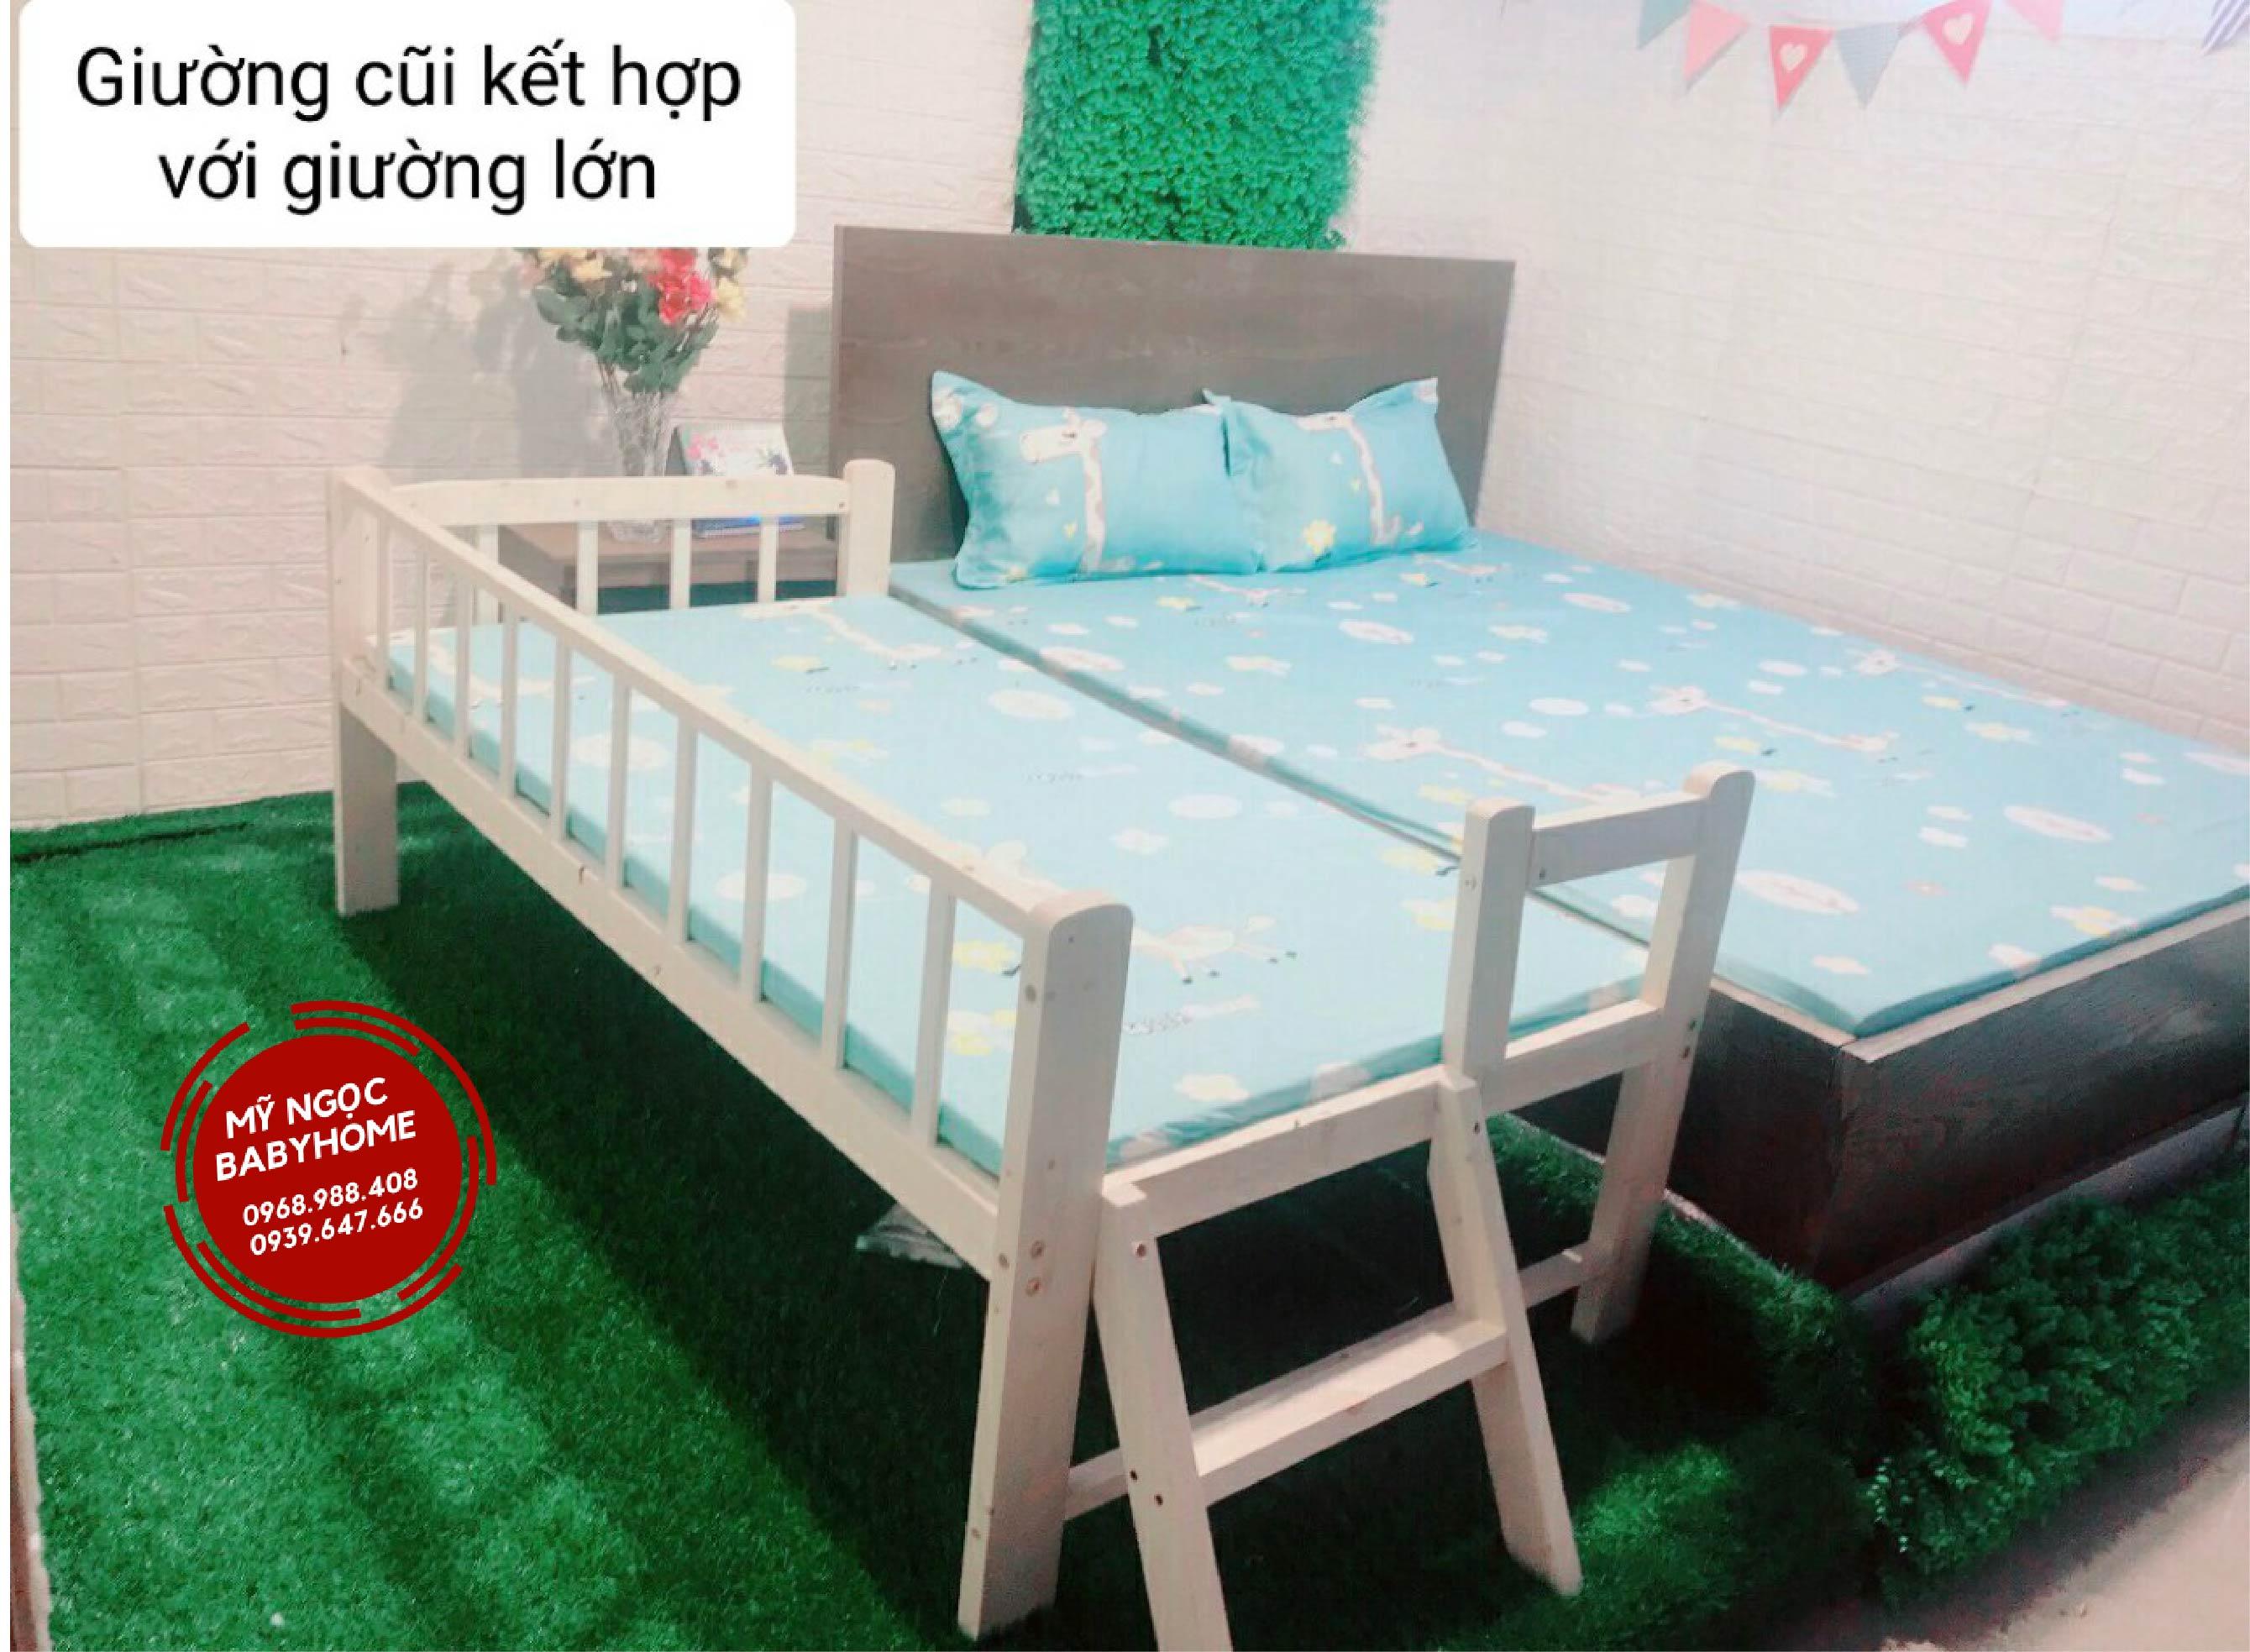 Chiếc giường cũi đa năng